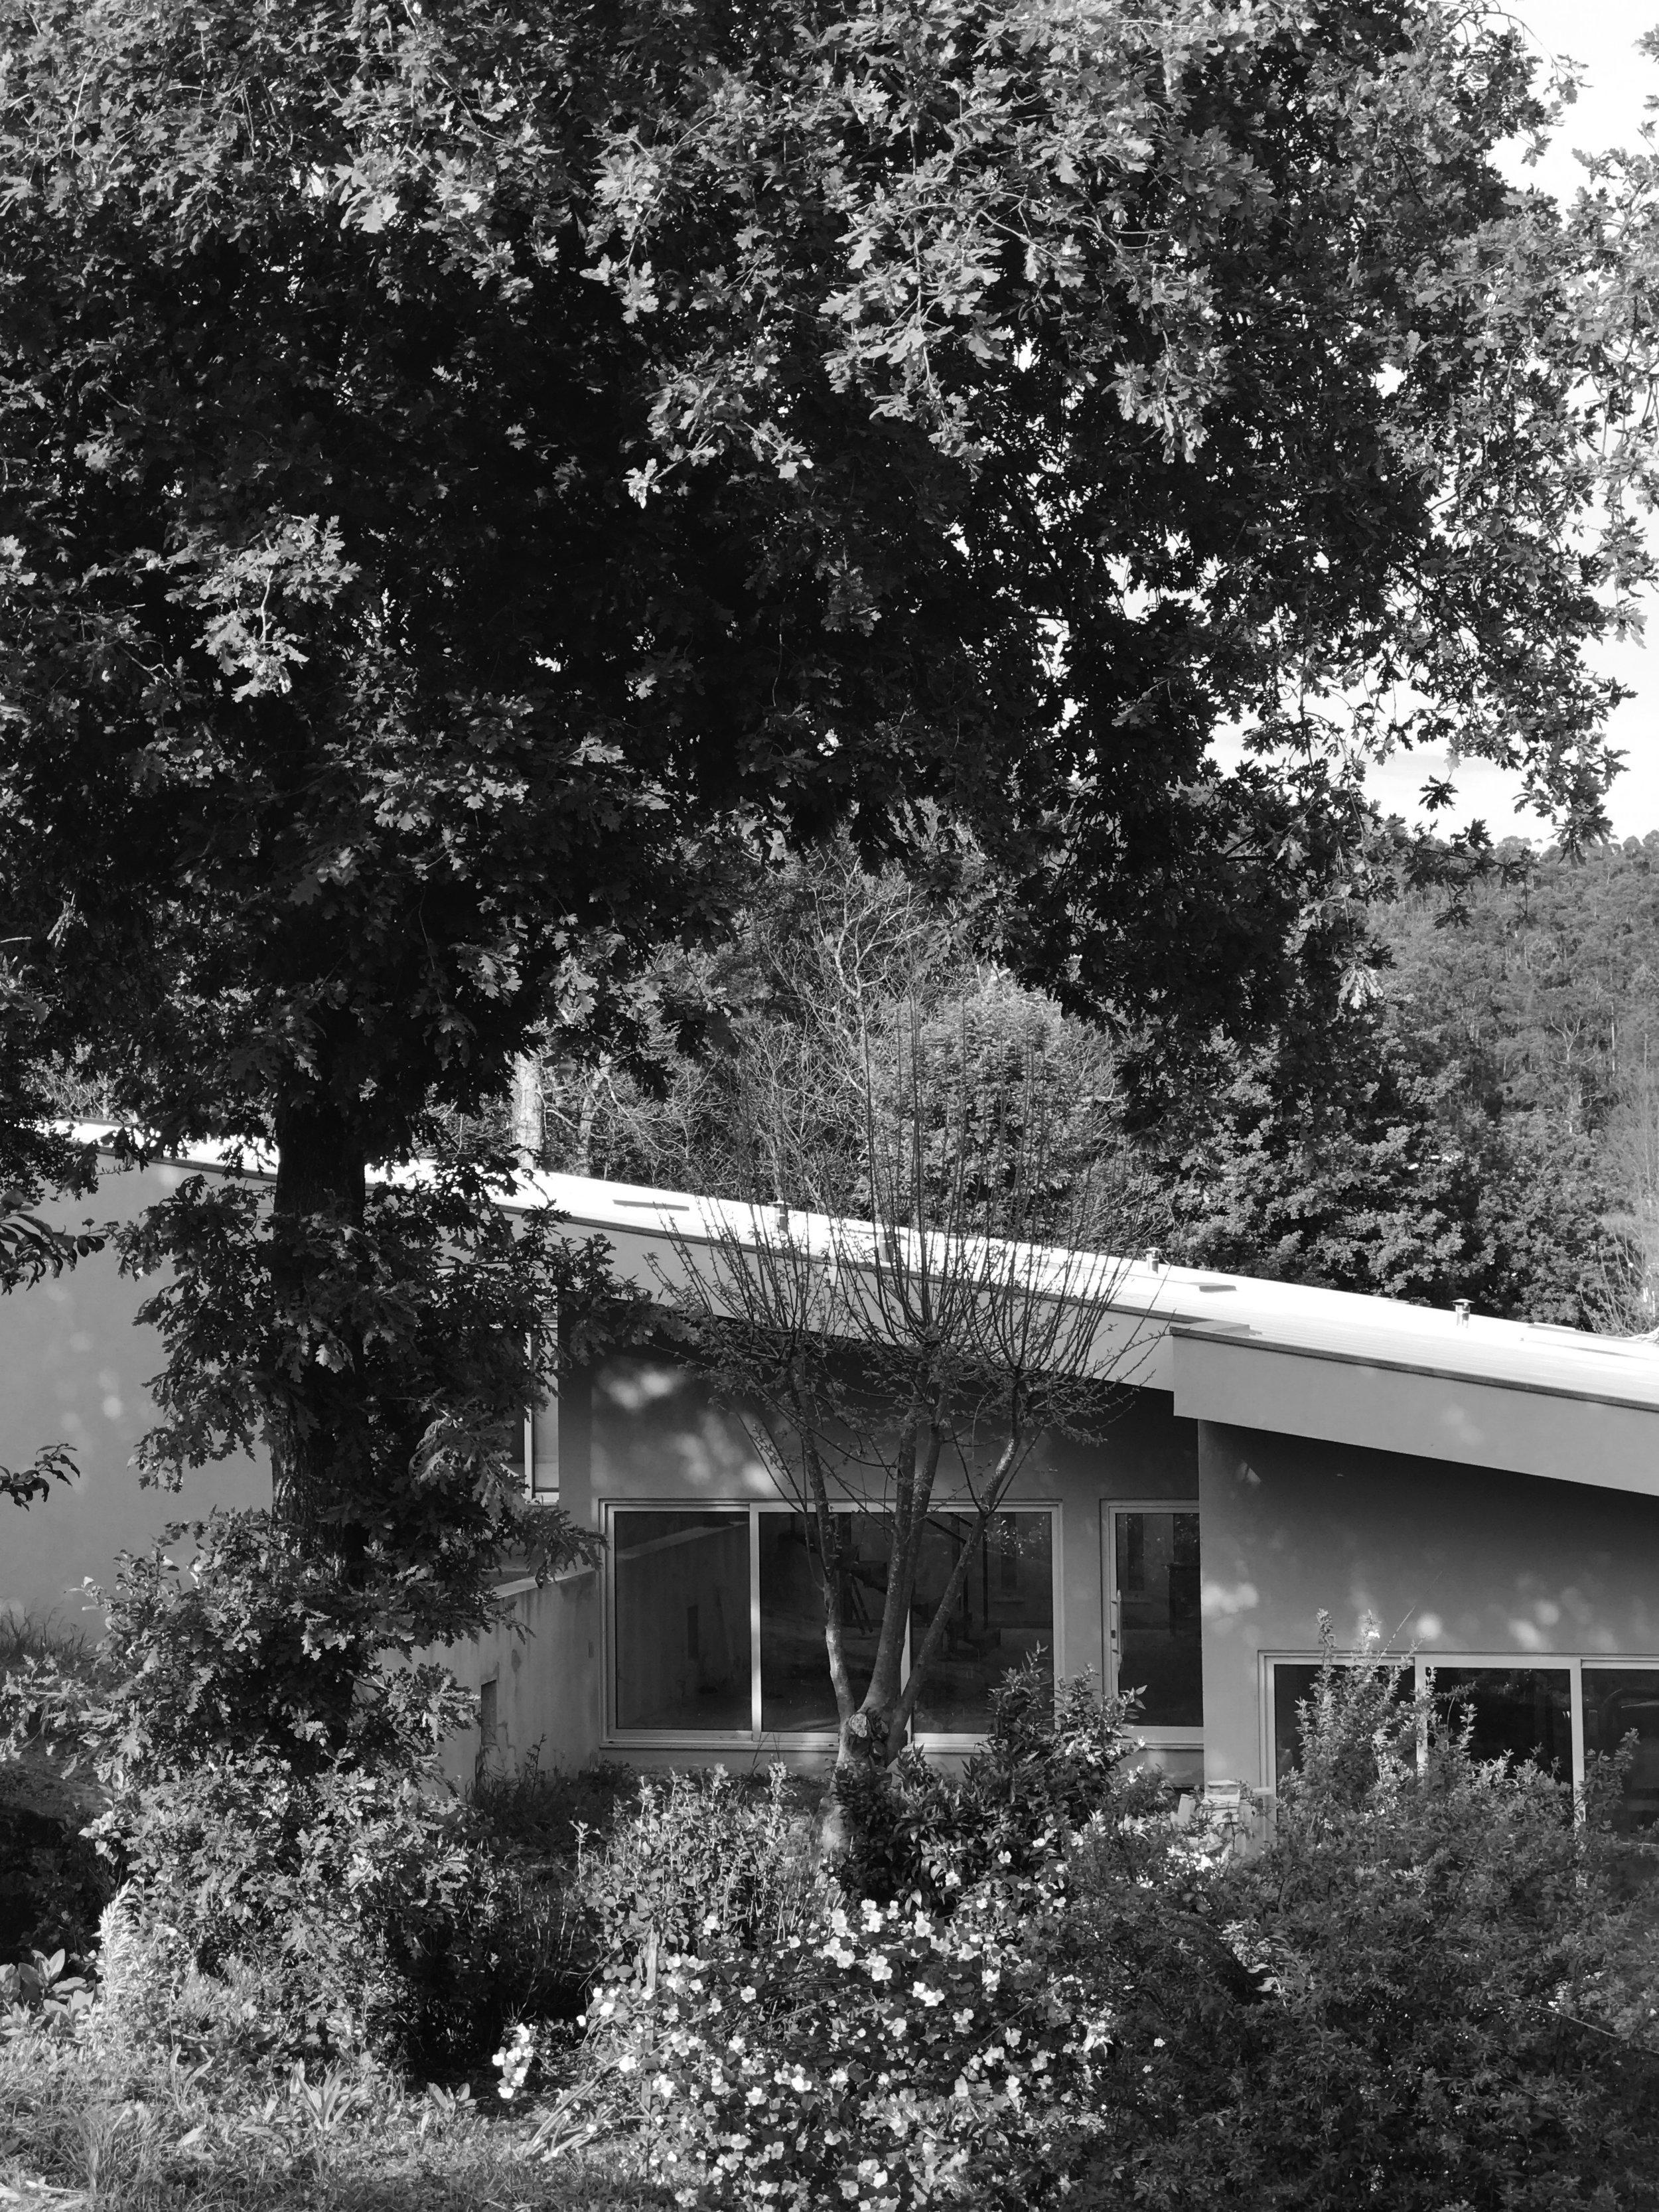 Moradia S+N - arquitectura - arquitectos - porto - oliveira de azemeis - construção - projecto - eva evolutionary architecture (49).jpg